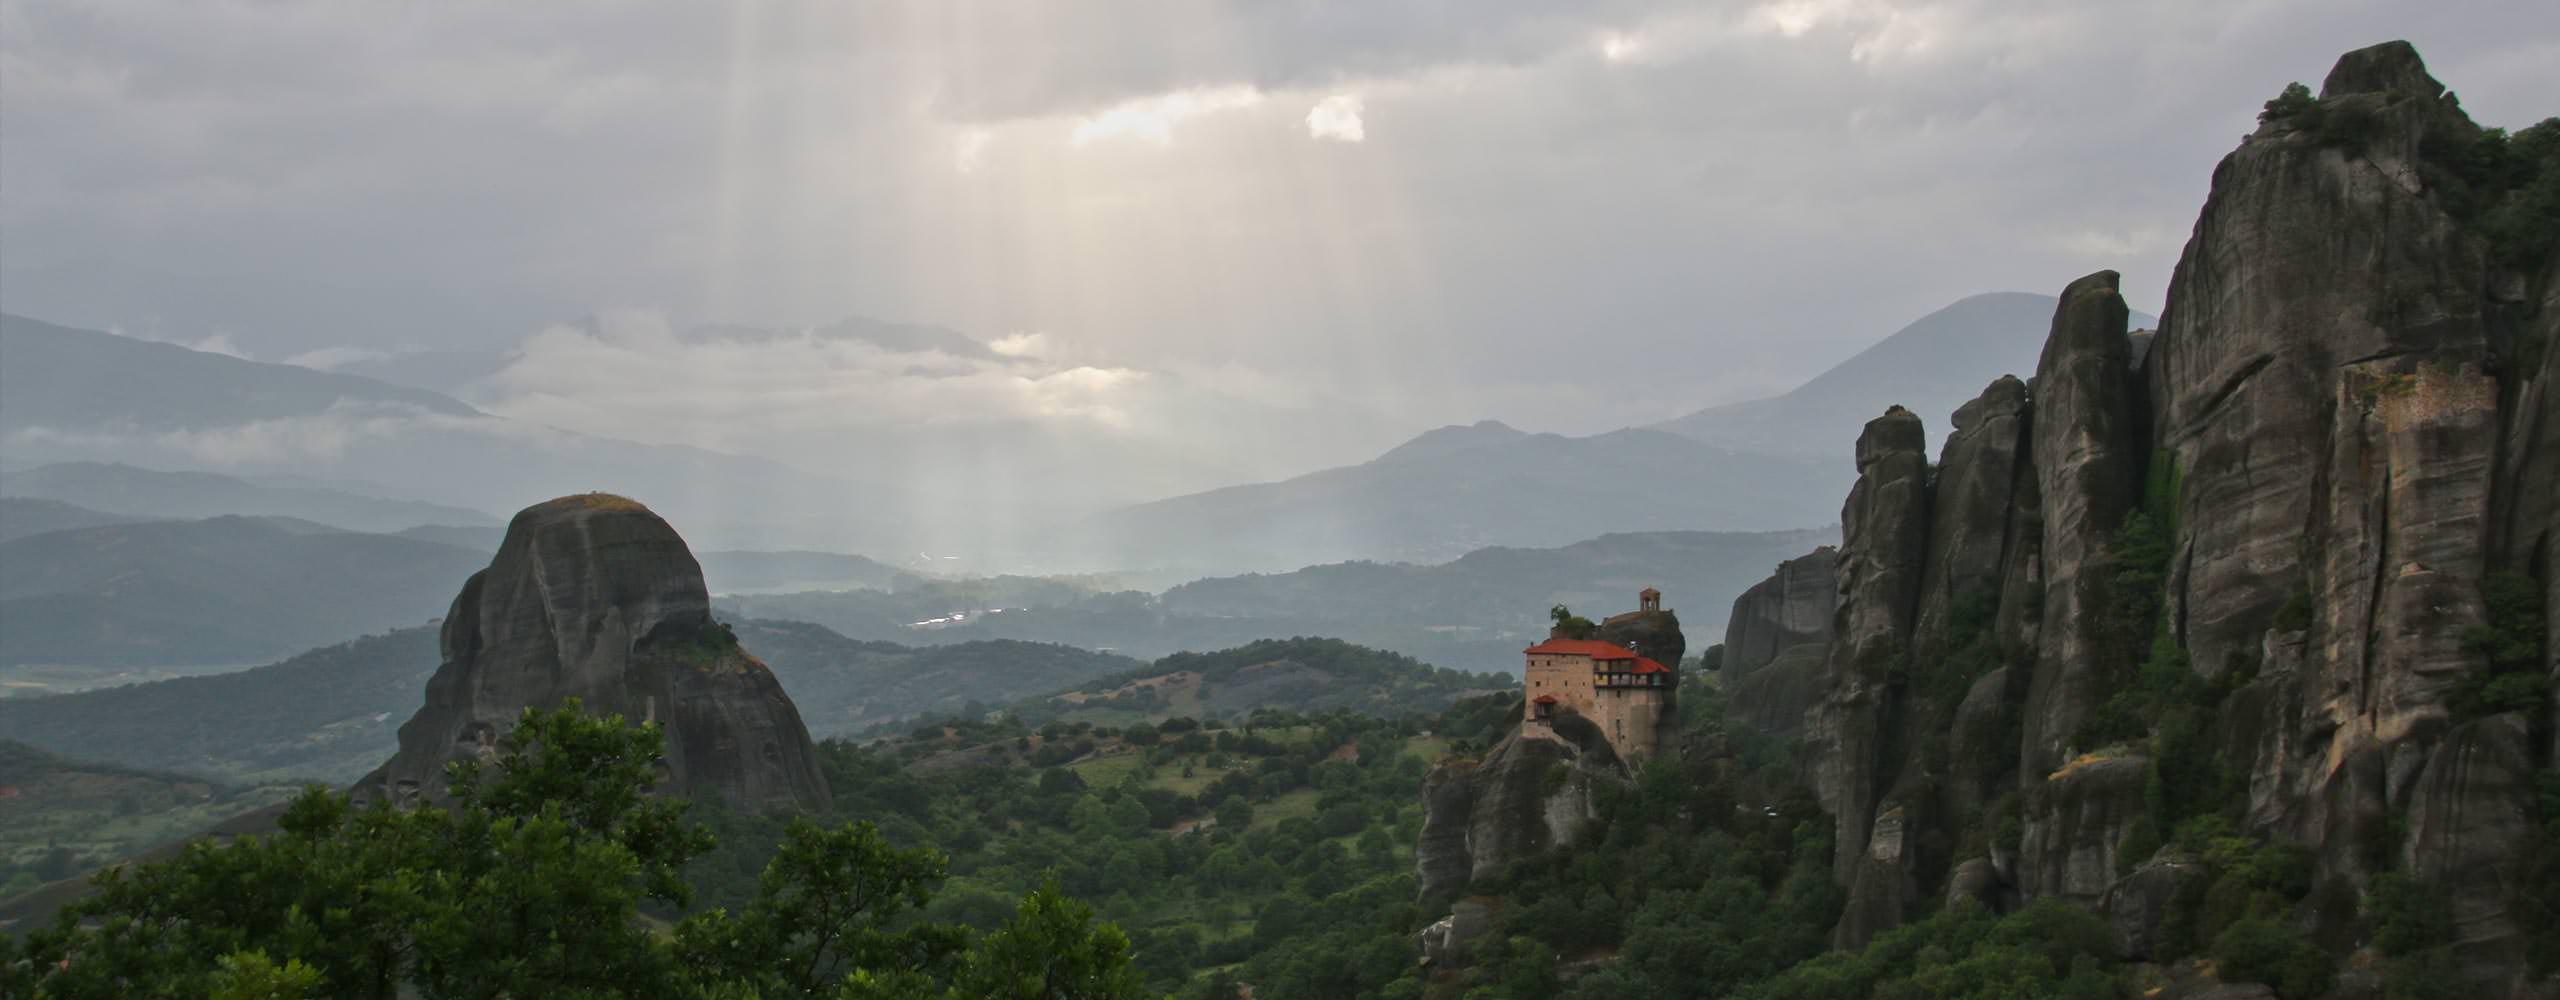 מנזרי מטאורה בטיול ג'יפים ליוון ההררית